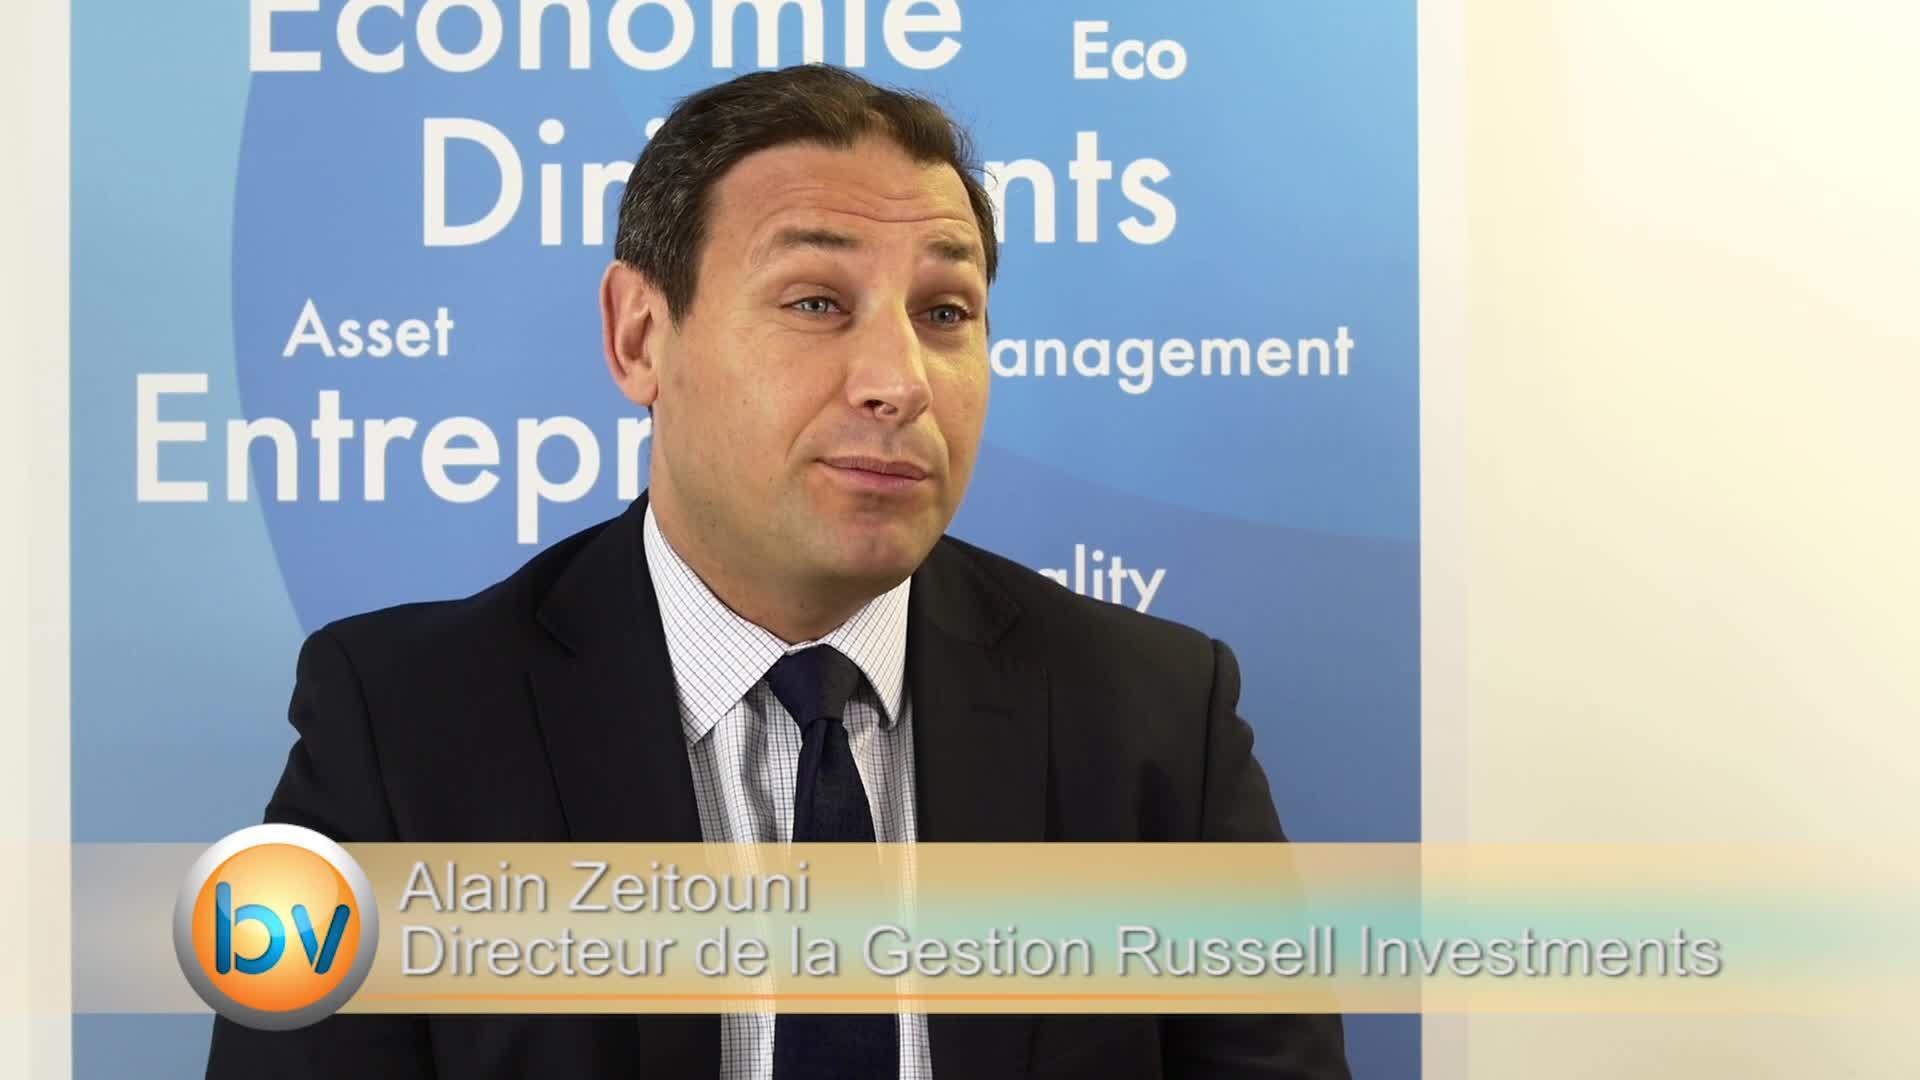 """Alain Zeitouni Directeur de la Gestion Russell Investments : """"Il faut toujours avoir une approche régulière sur les marchés"""""""